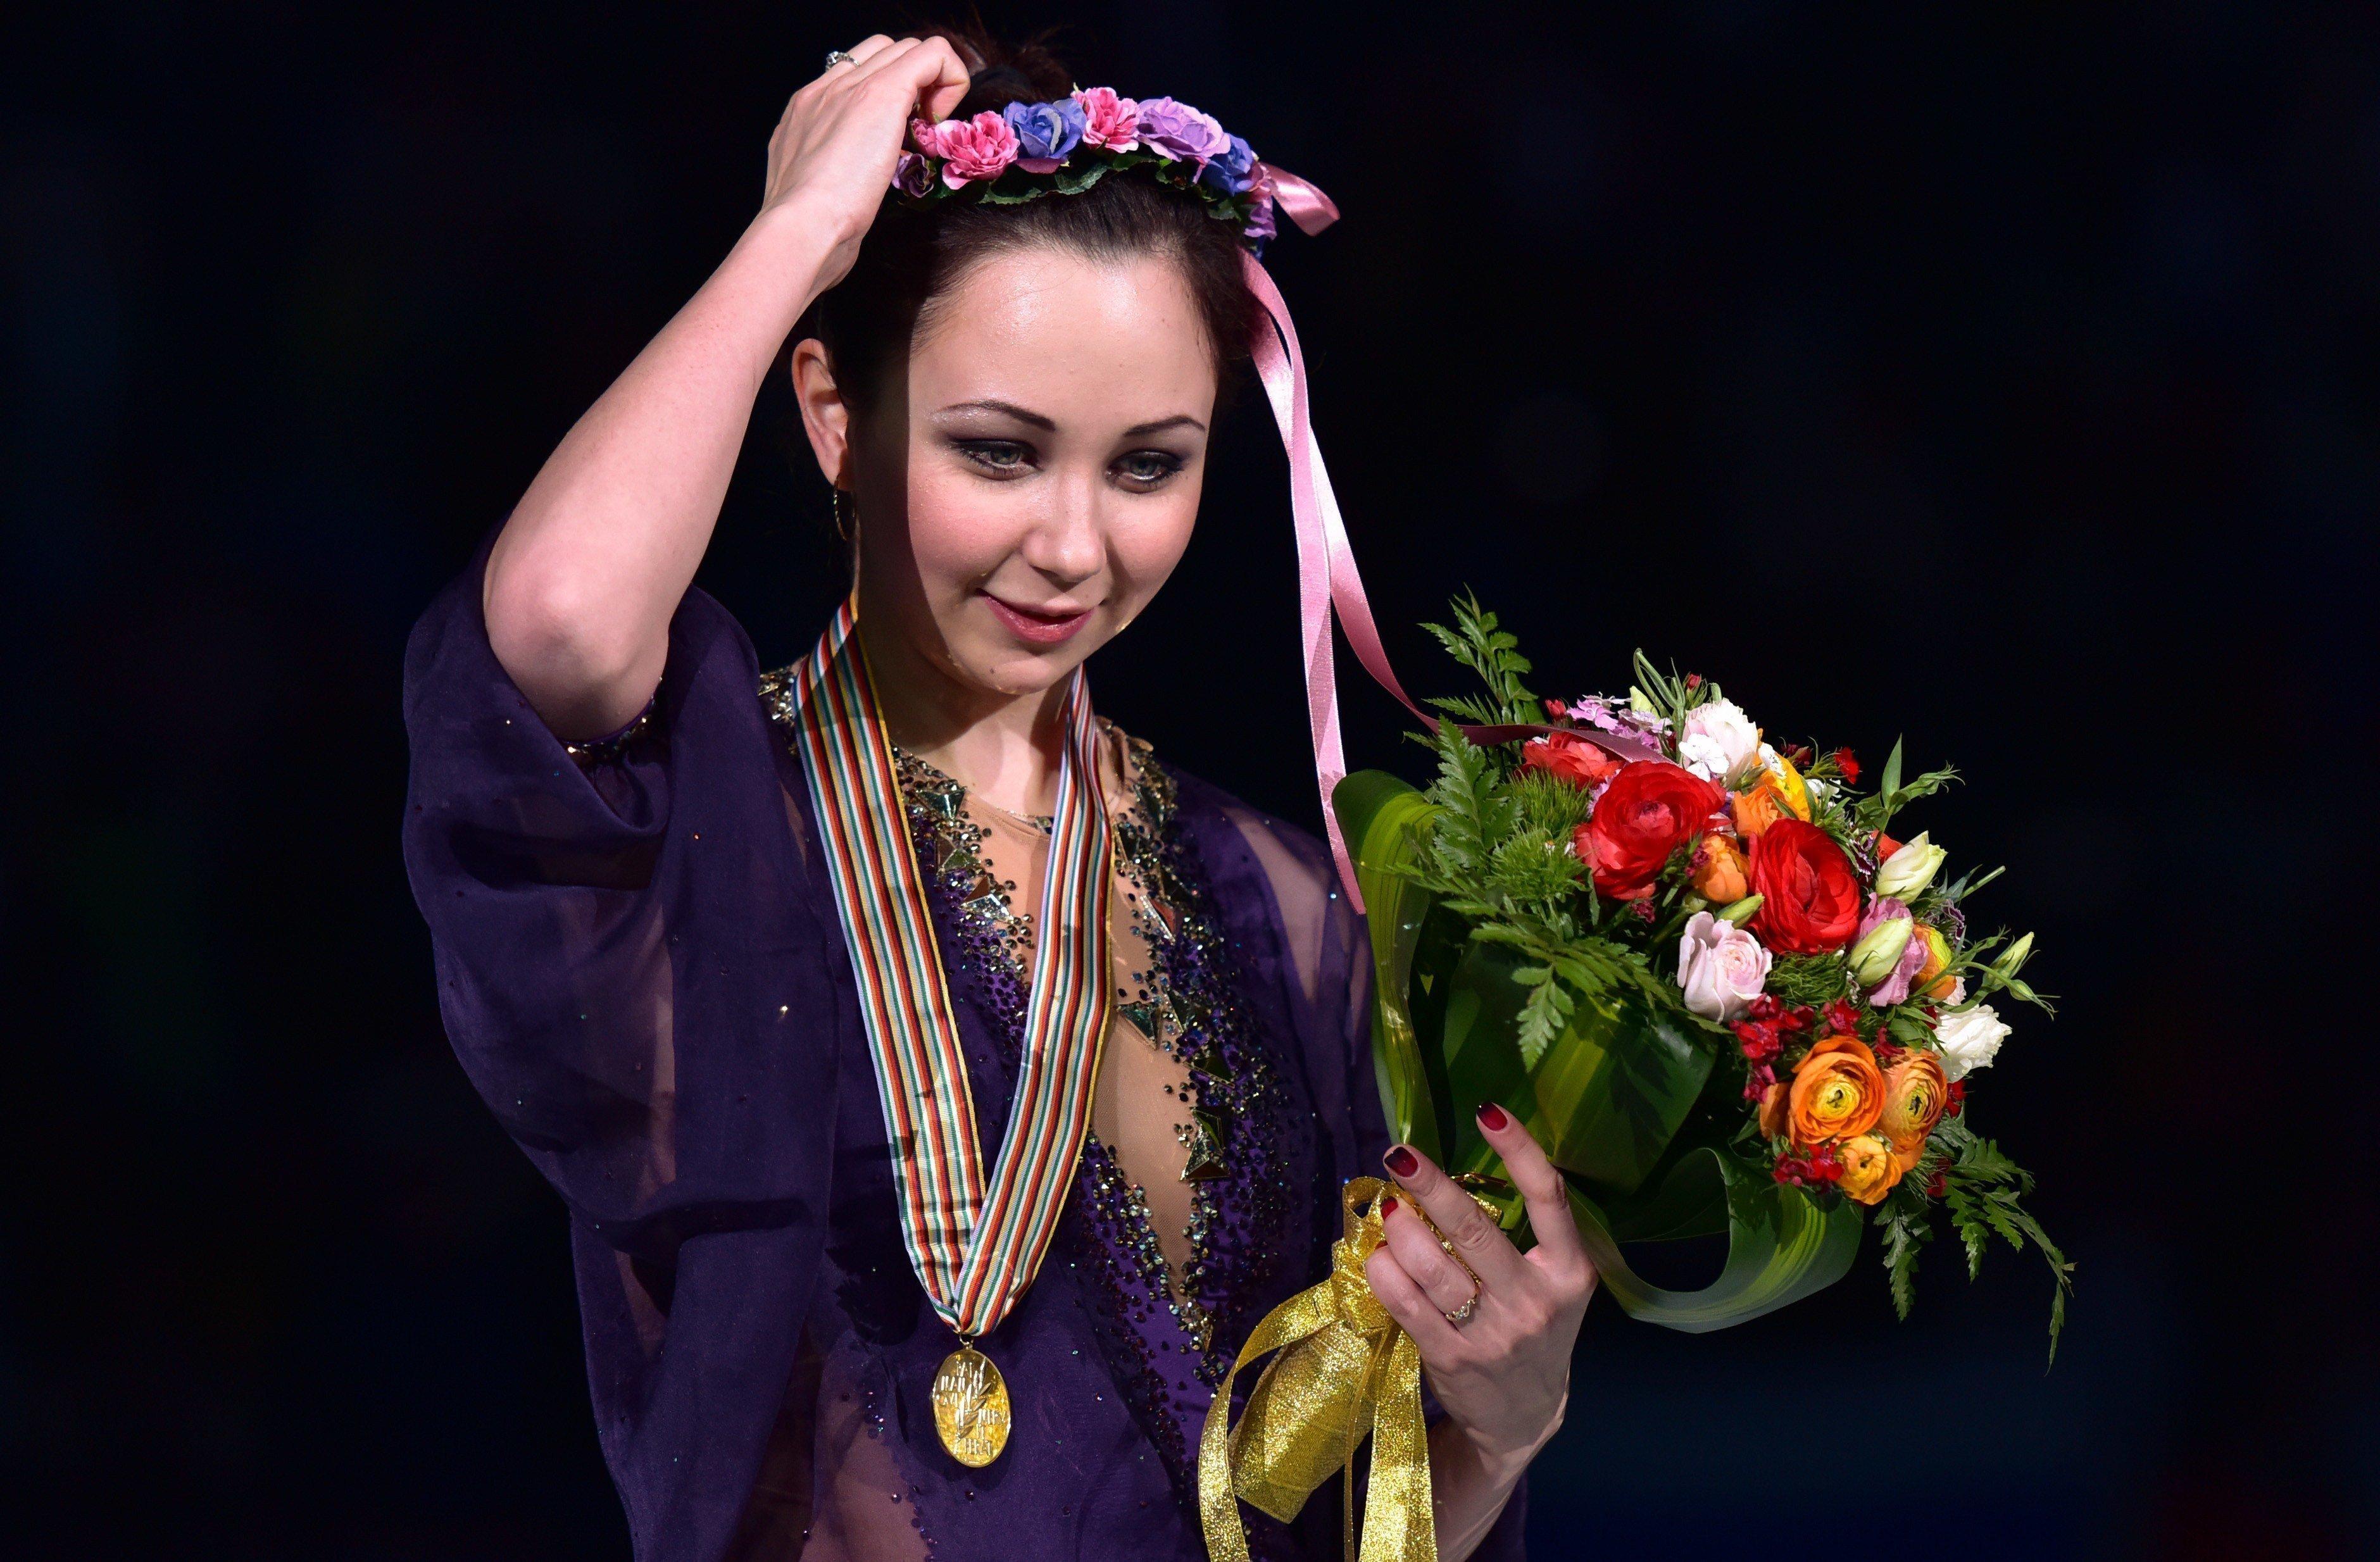 Елизавета Туктамышева & Андрей Лазукин - 5 - Страница 24 Origin_0550d79c